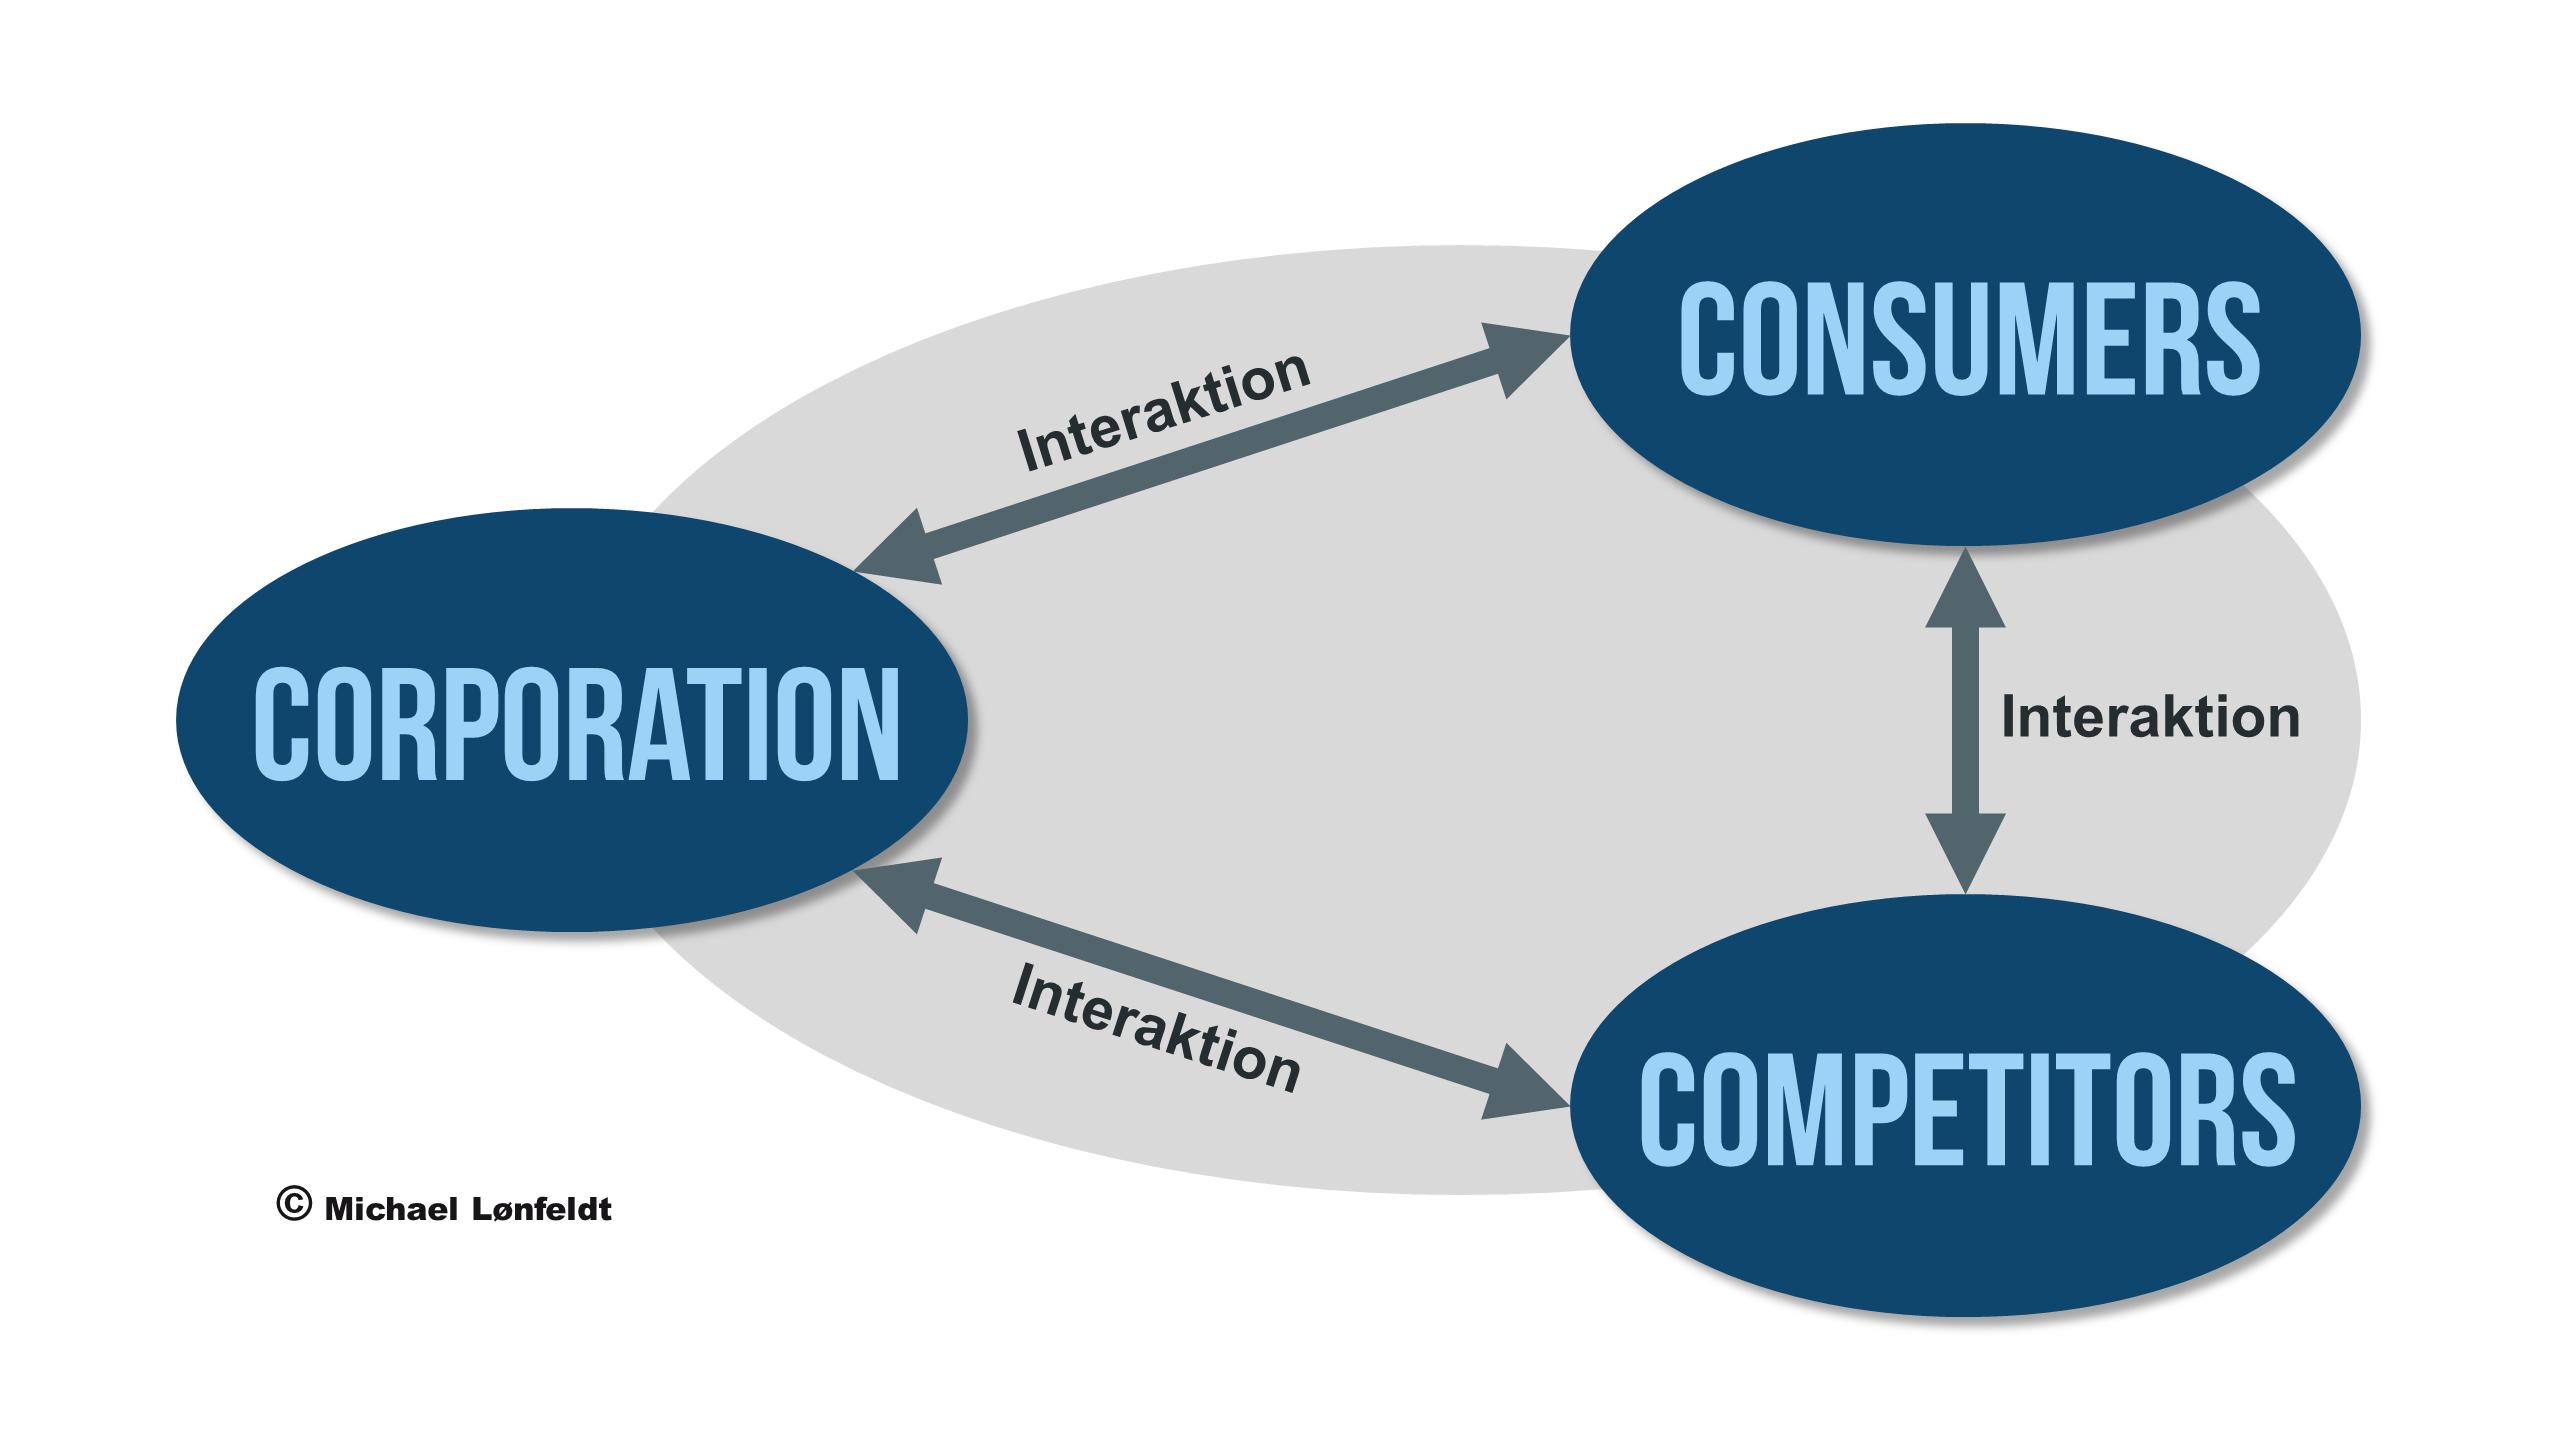 3xCo modellen - referenceramme for indsamling af informationer som grundlag for markedsføring